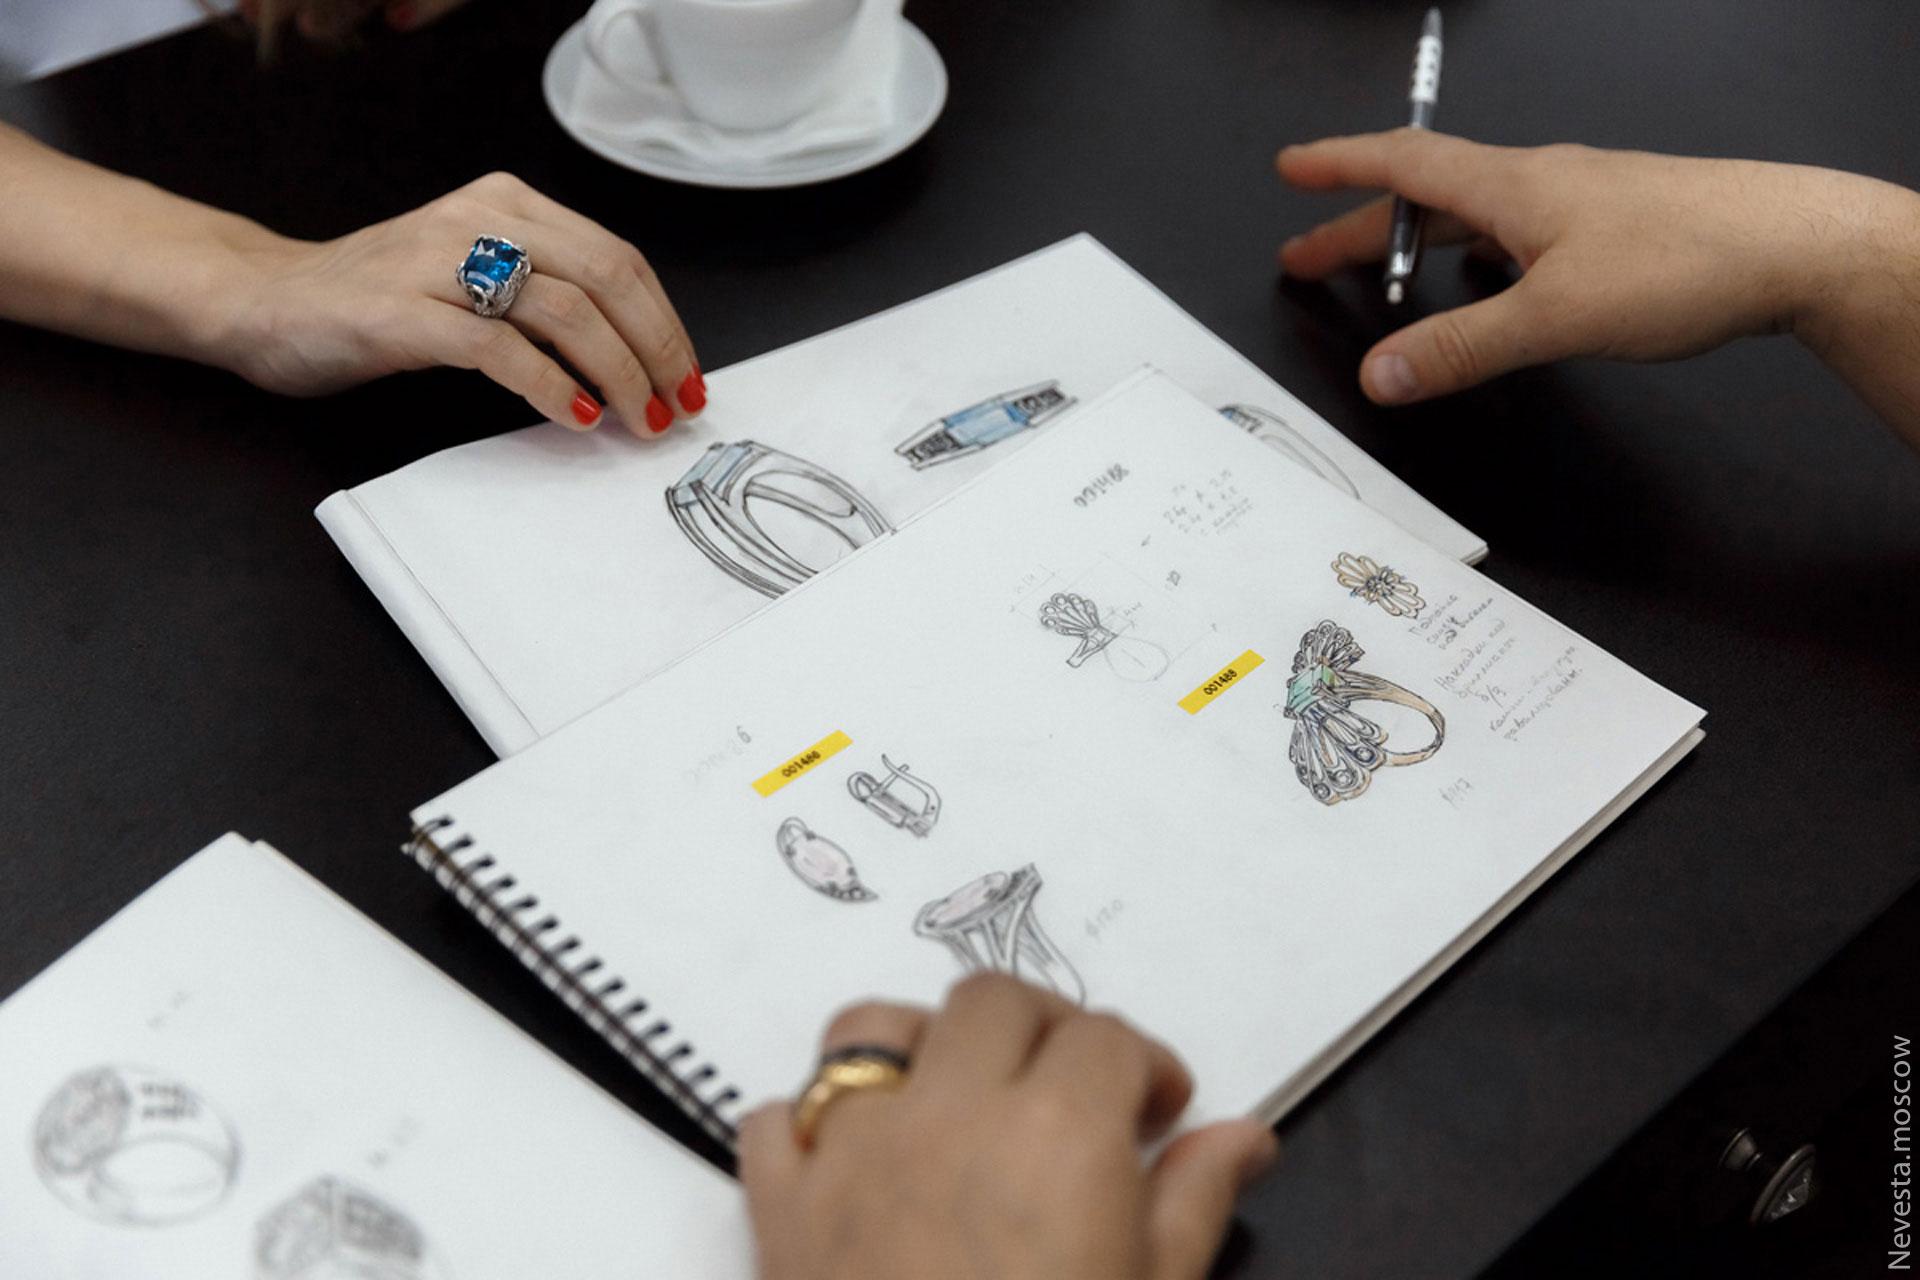 Корнелия Манго заказывает необычные обручальные кольца фото 5